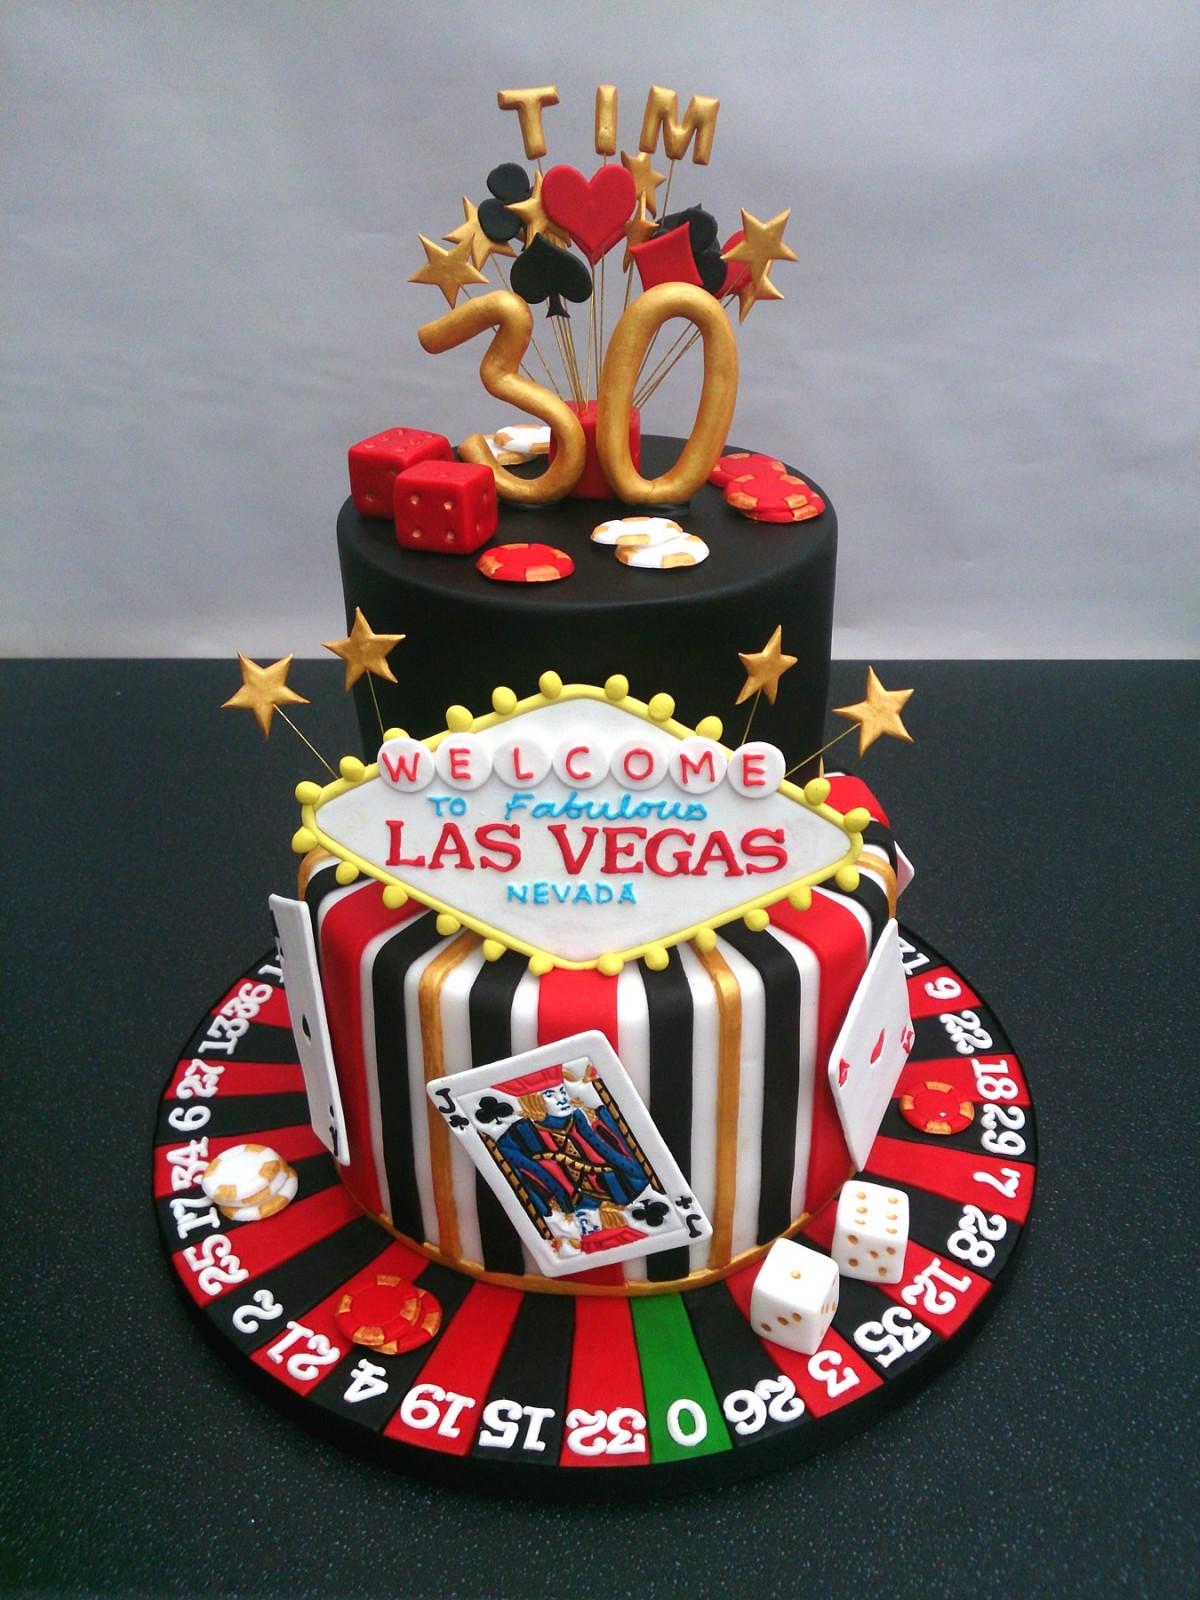 Las Vegas Gambling Themed Birthday Cake « Susie's Cakes